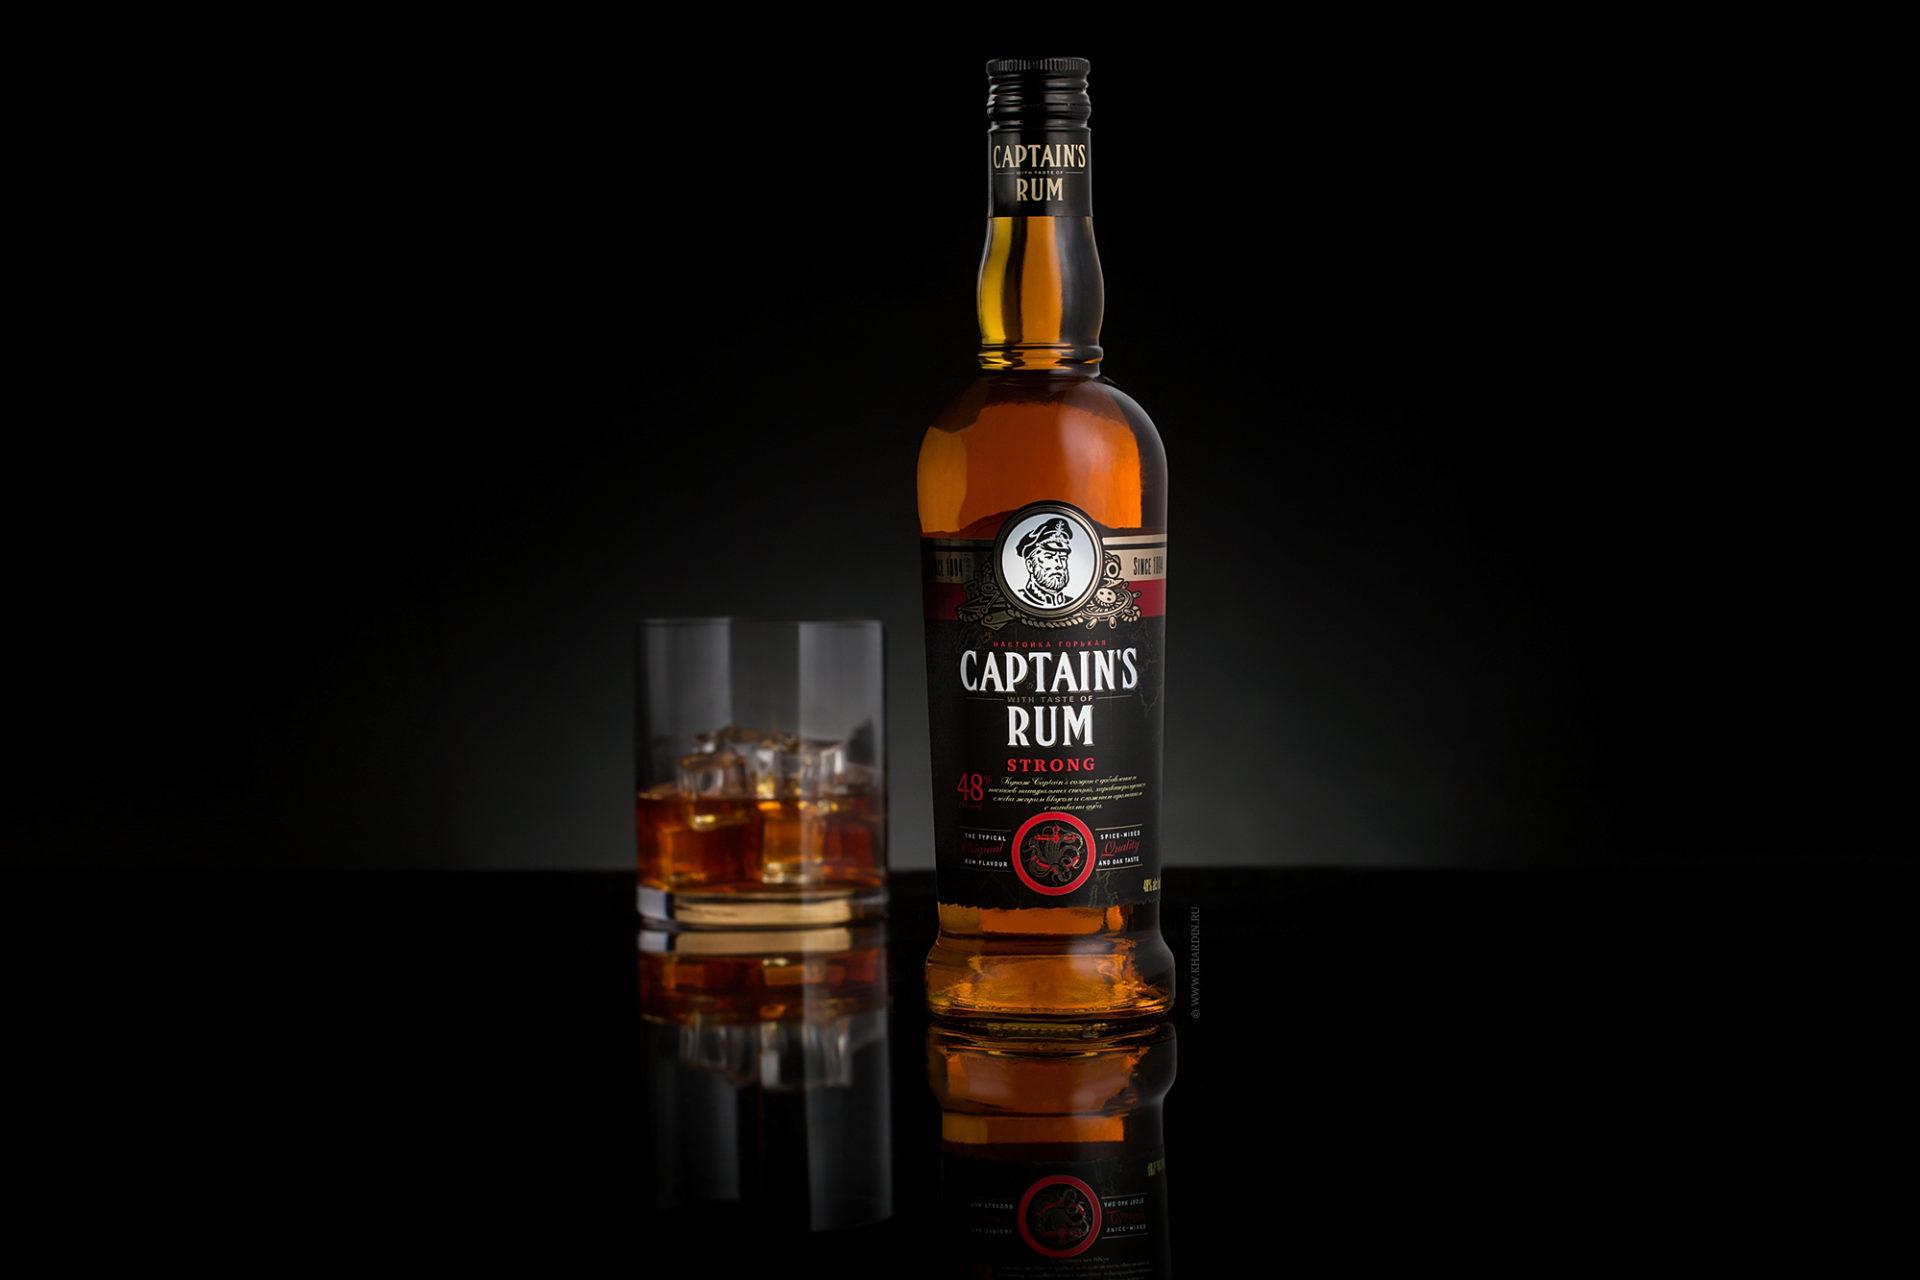 Капитанский ром Strong   Фотосъемка продукции в бутылках   Уссурийский Бальзам